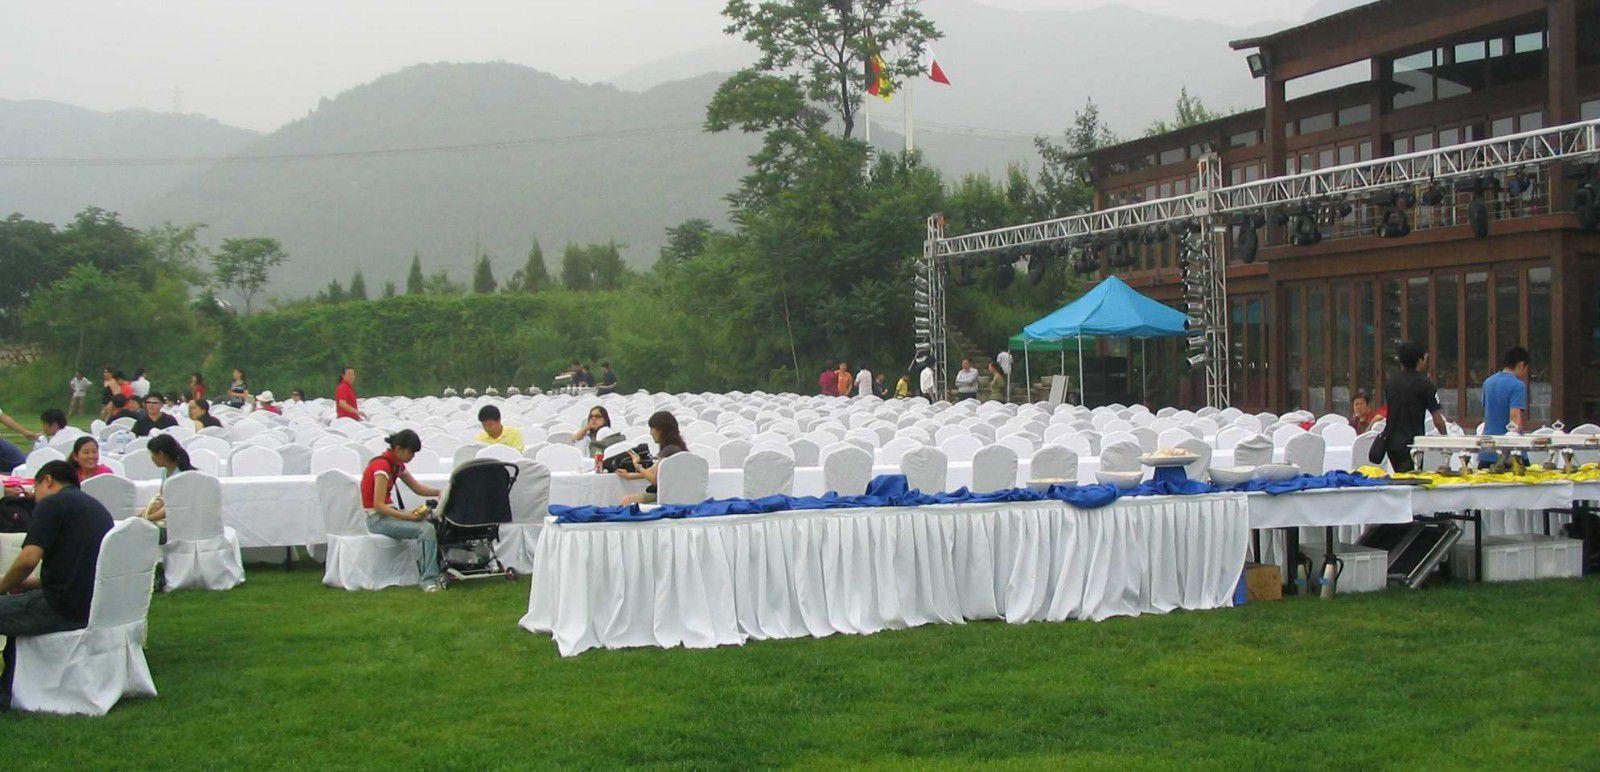 西藏自治区山南地区桑日县户外帐篷出租